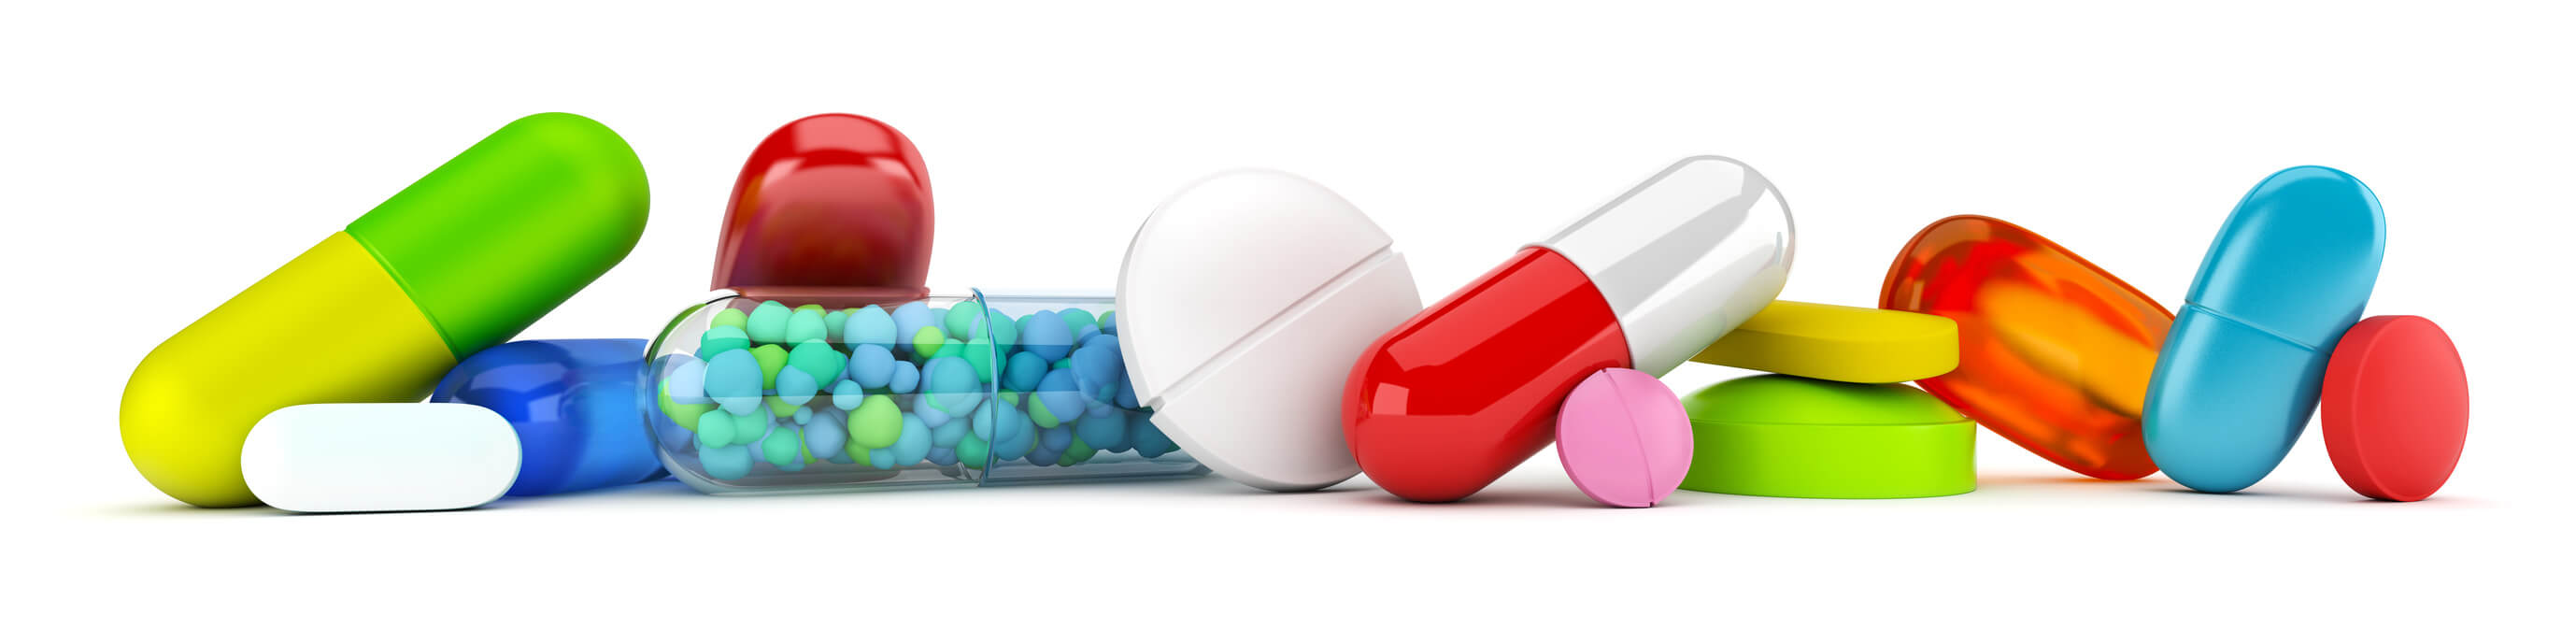 spermamenge-erhoehen-durch-verzicht-auf-medikamente